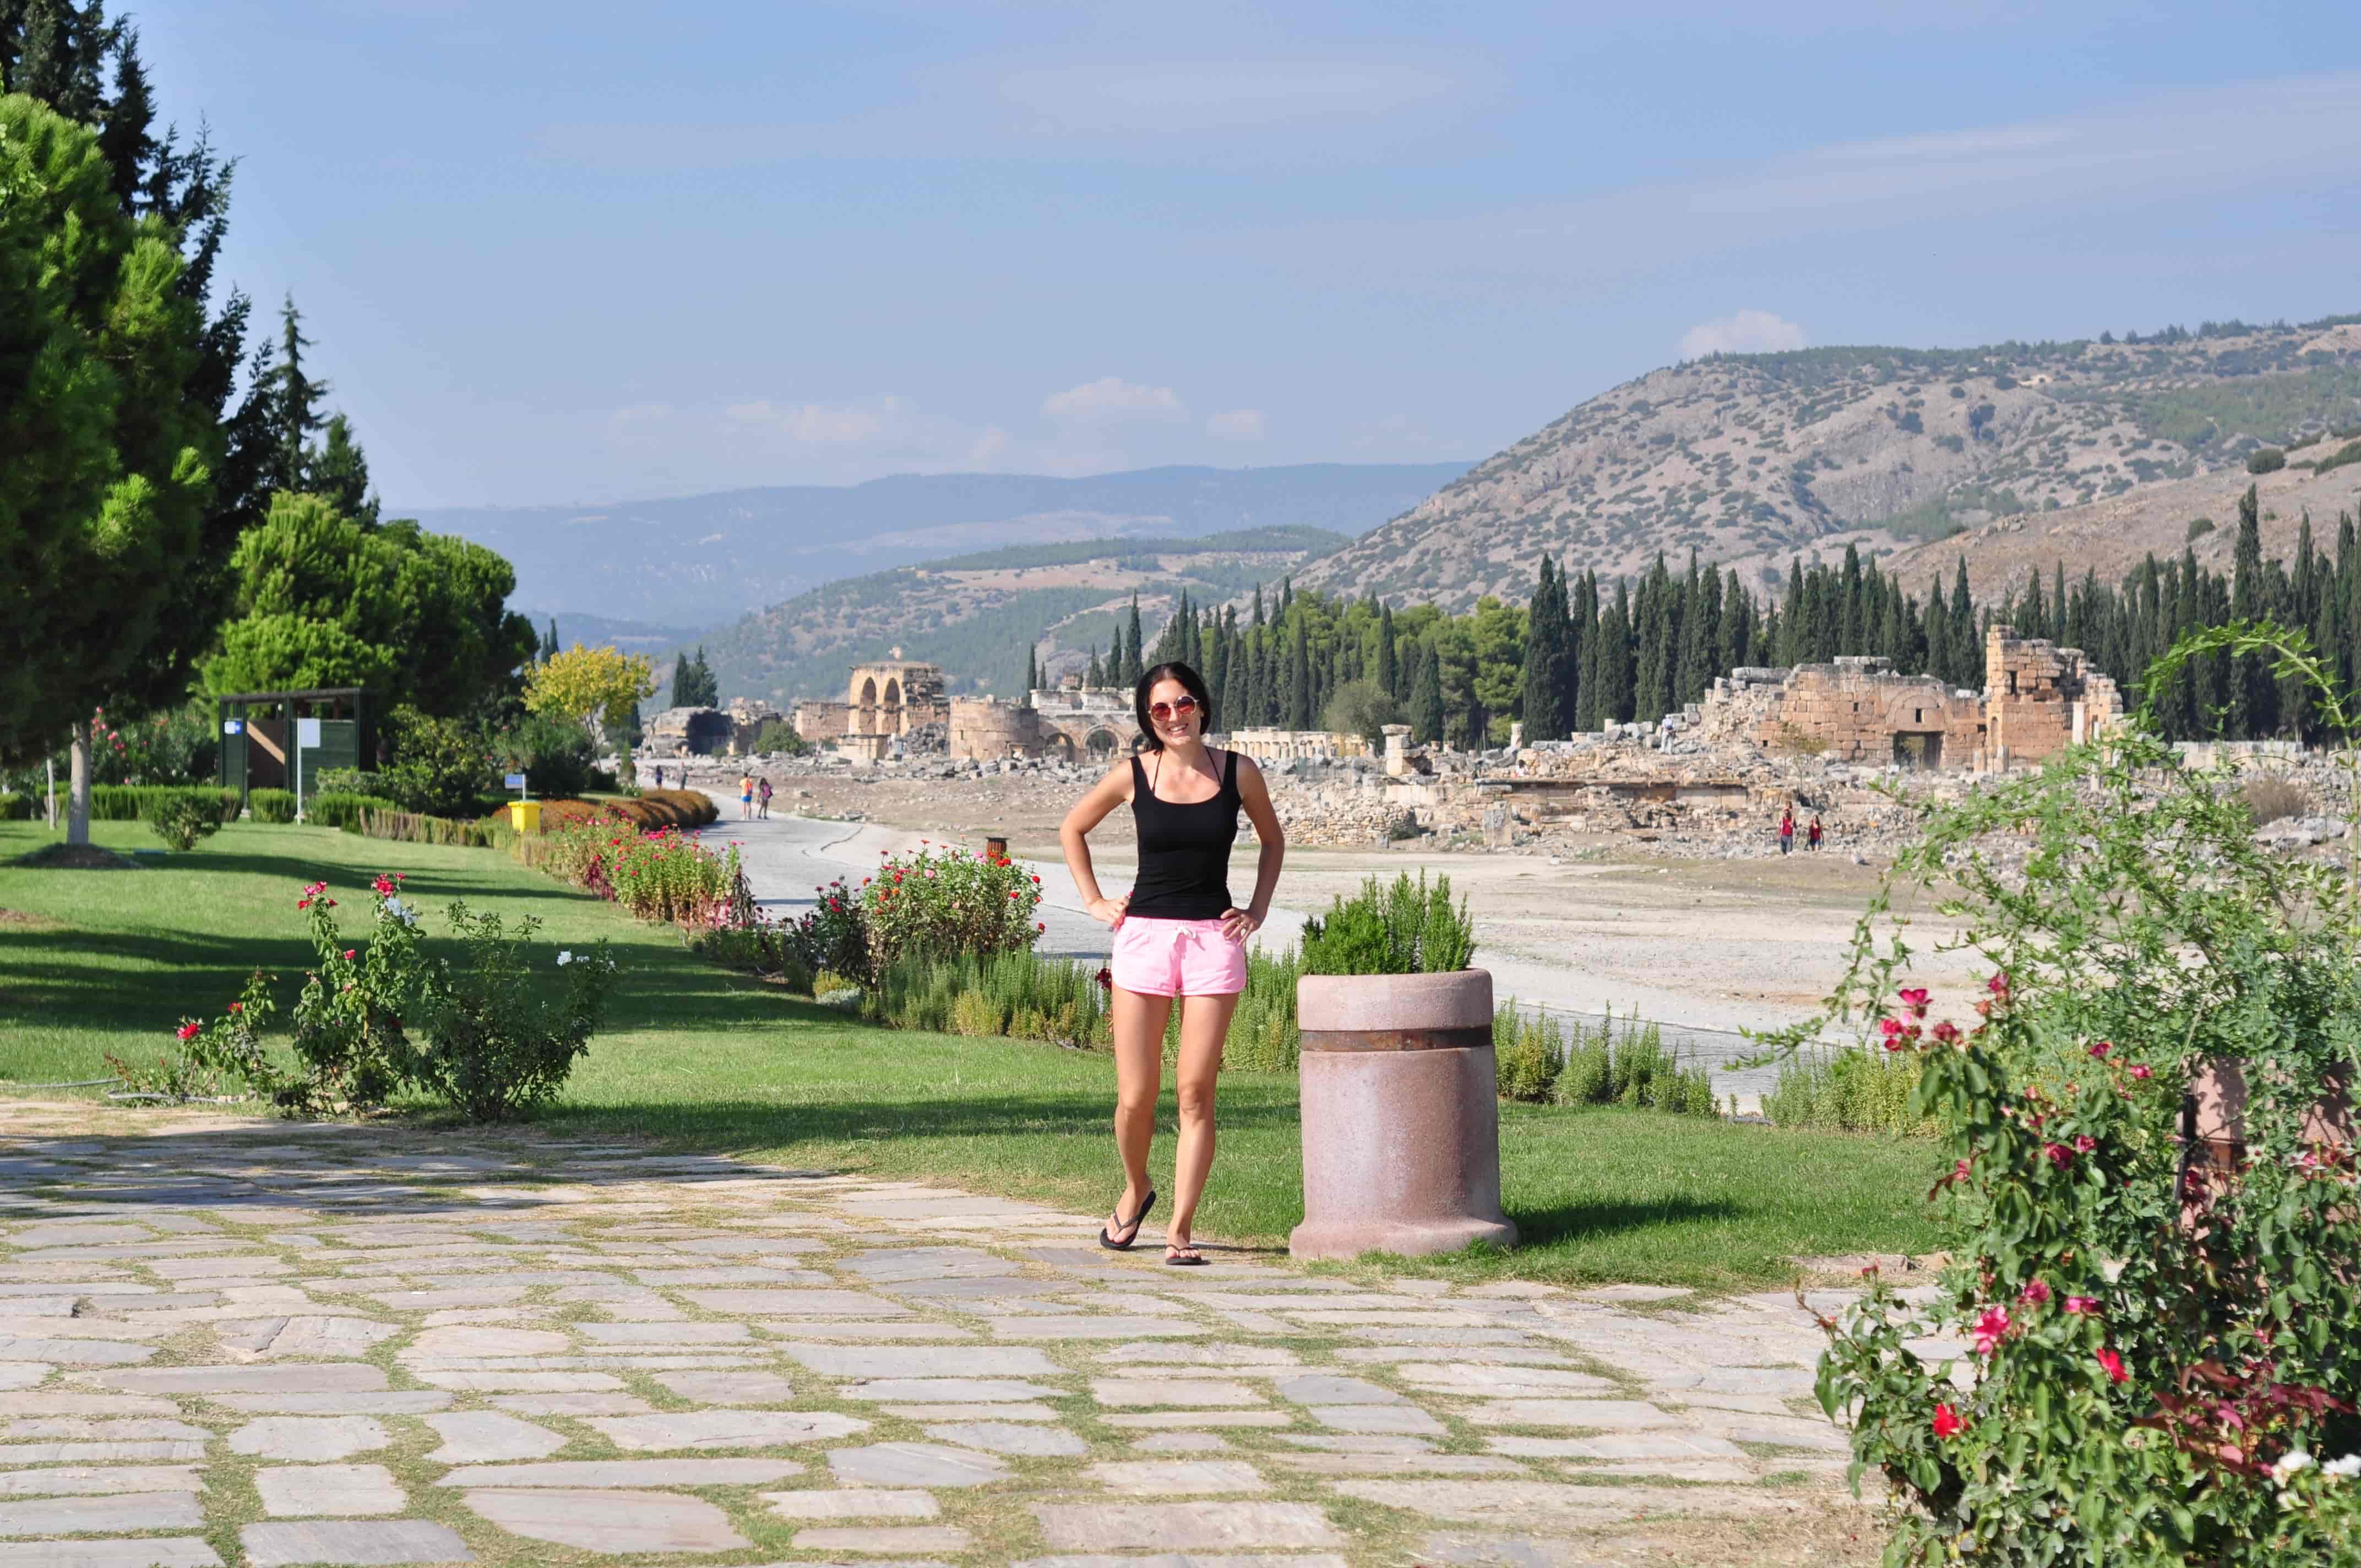 Развалины античного города Иераполис